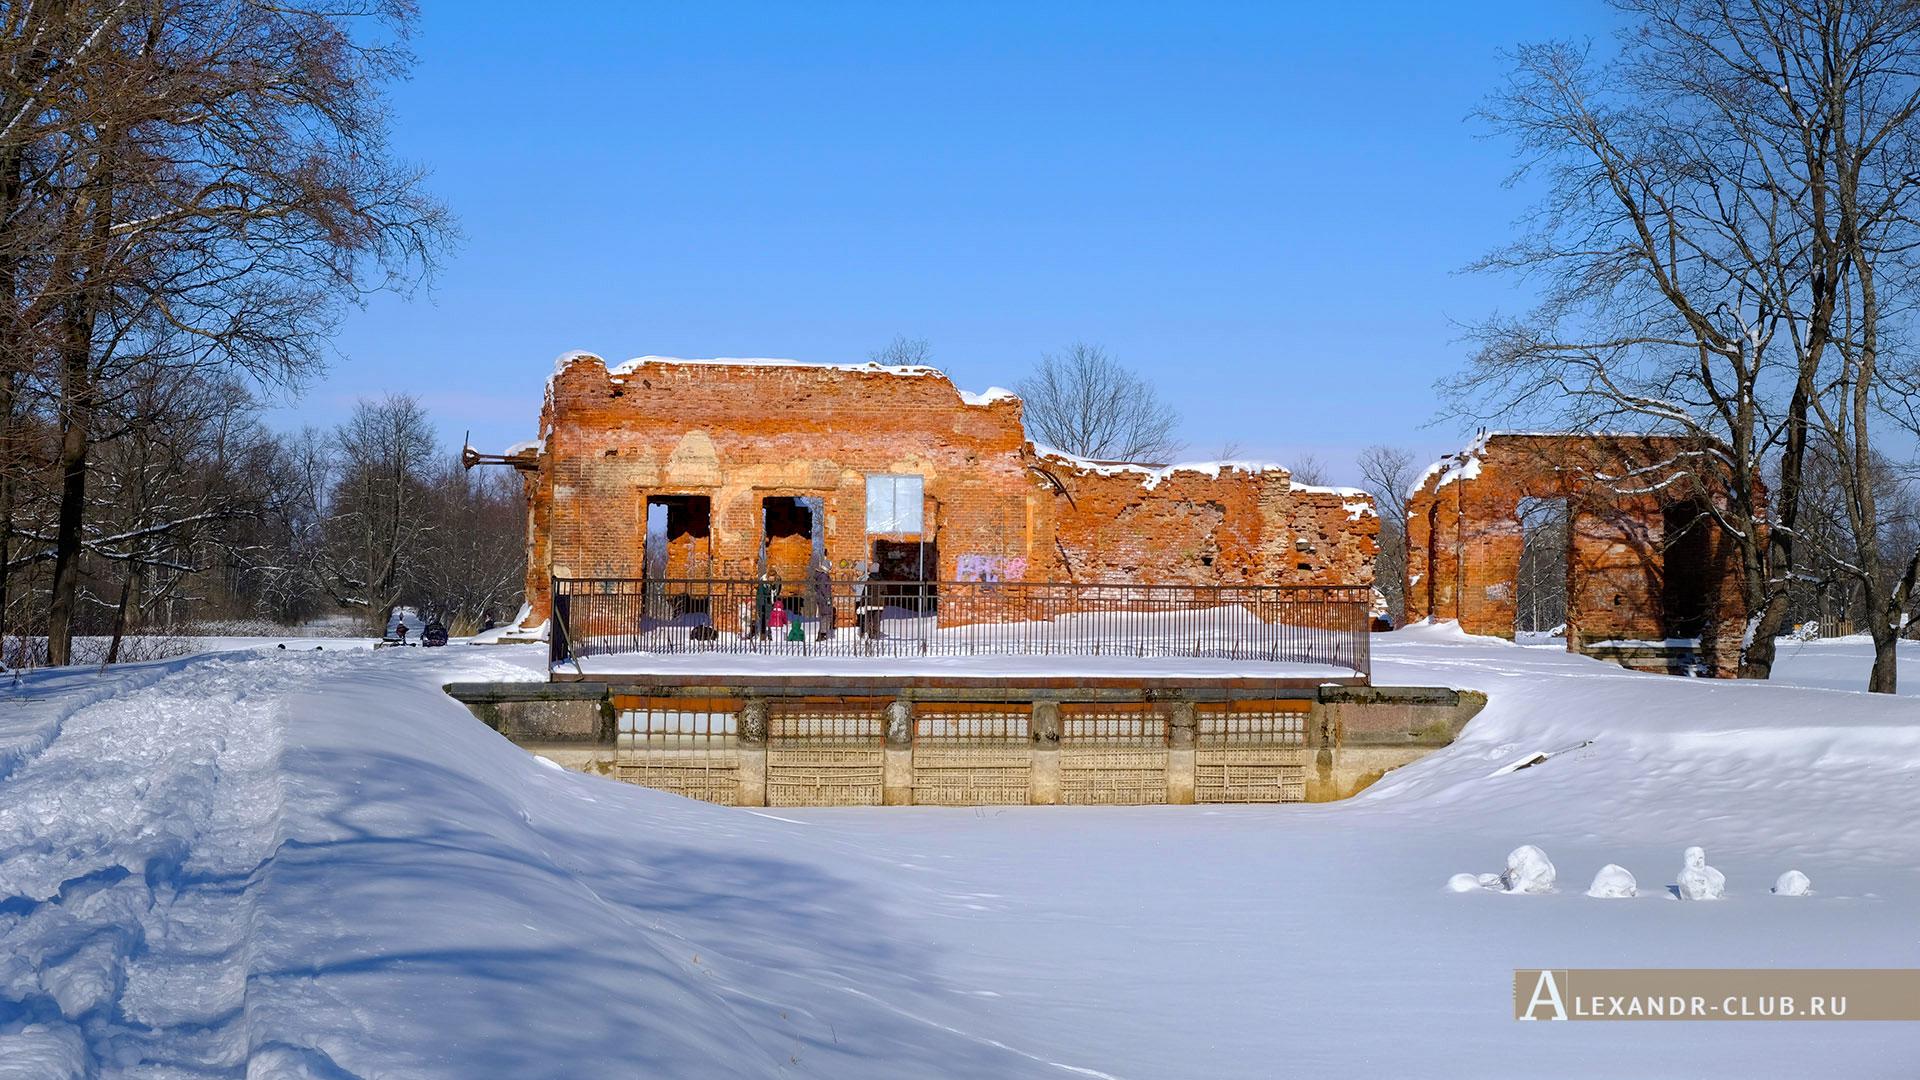 Петергоф, Луговой парк, зима, Розовый павильон – 2